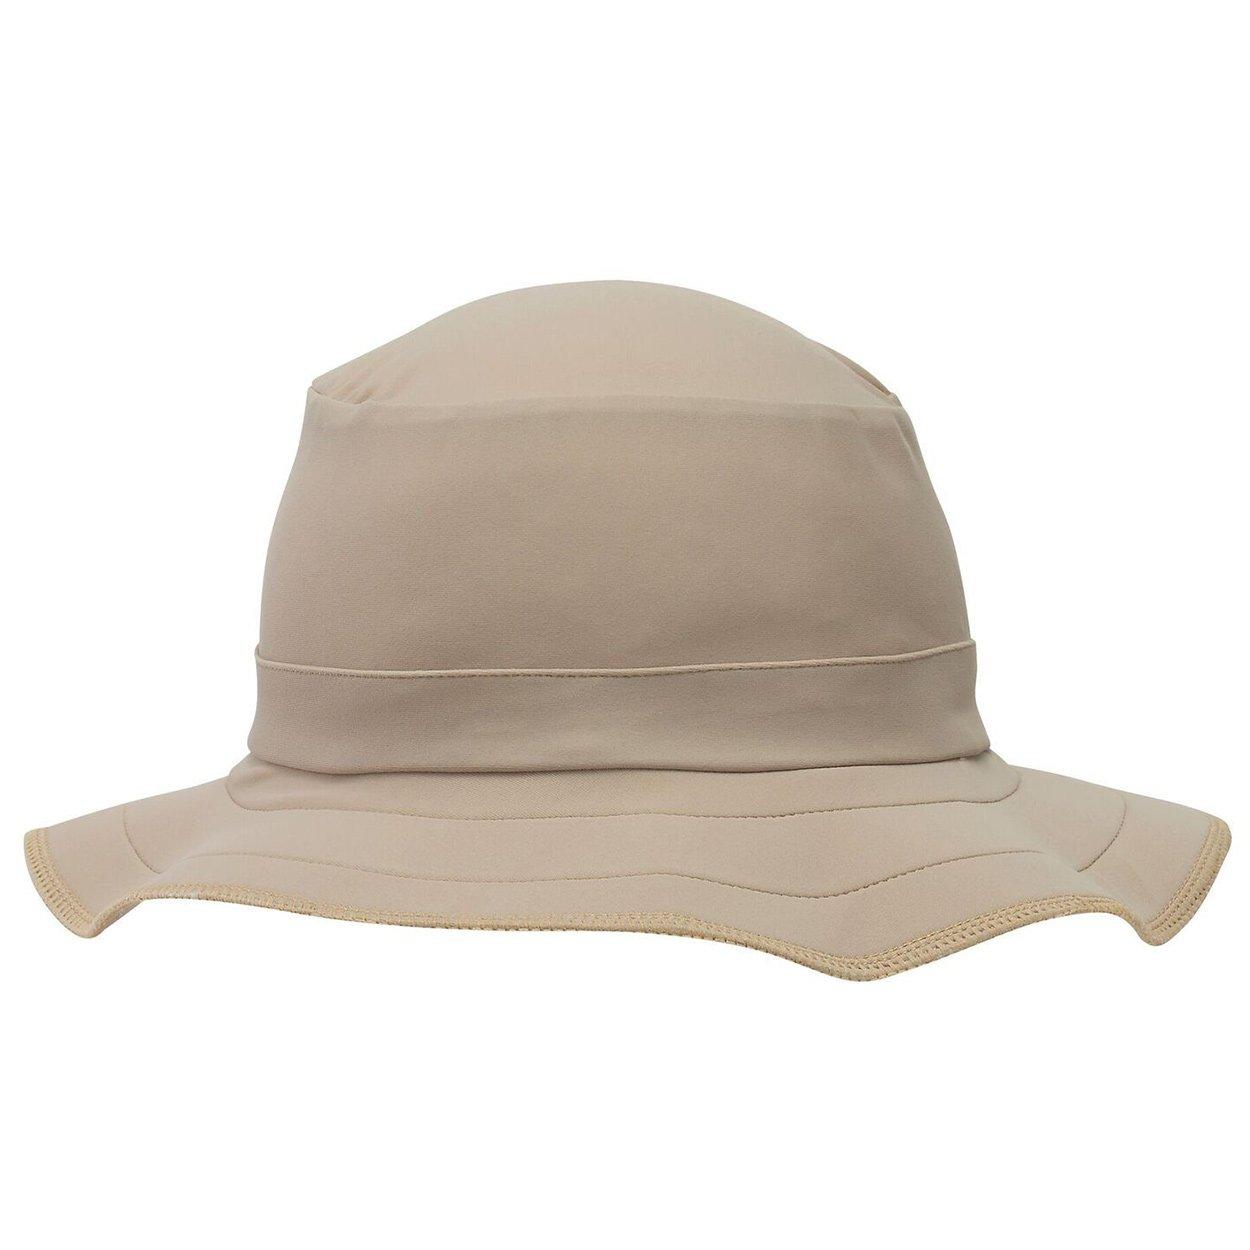 Khaki Funky Bucket Hat Upf 50+